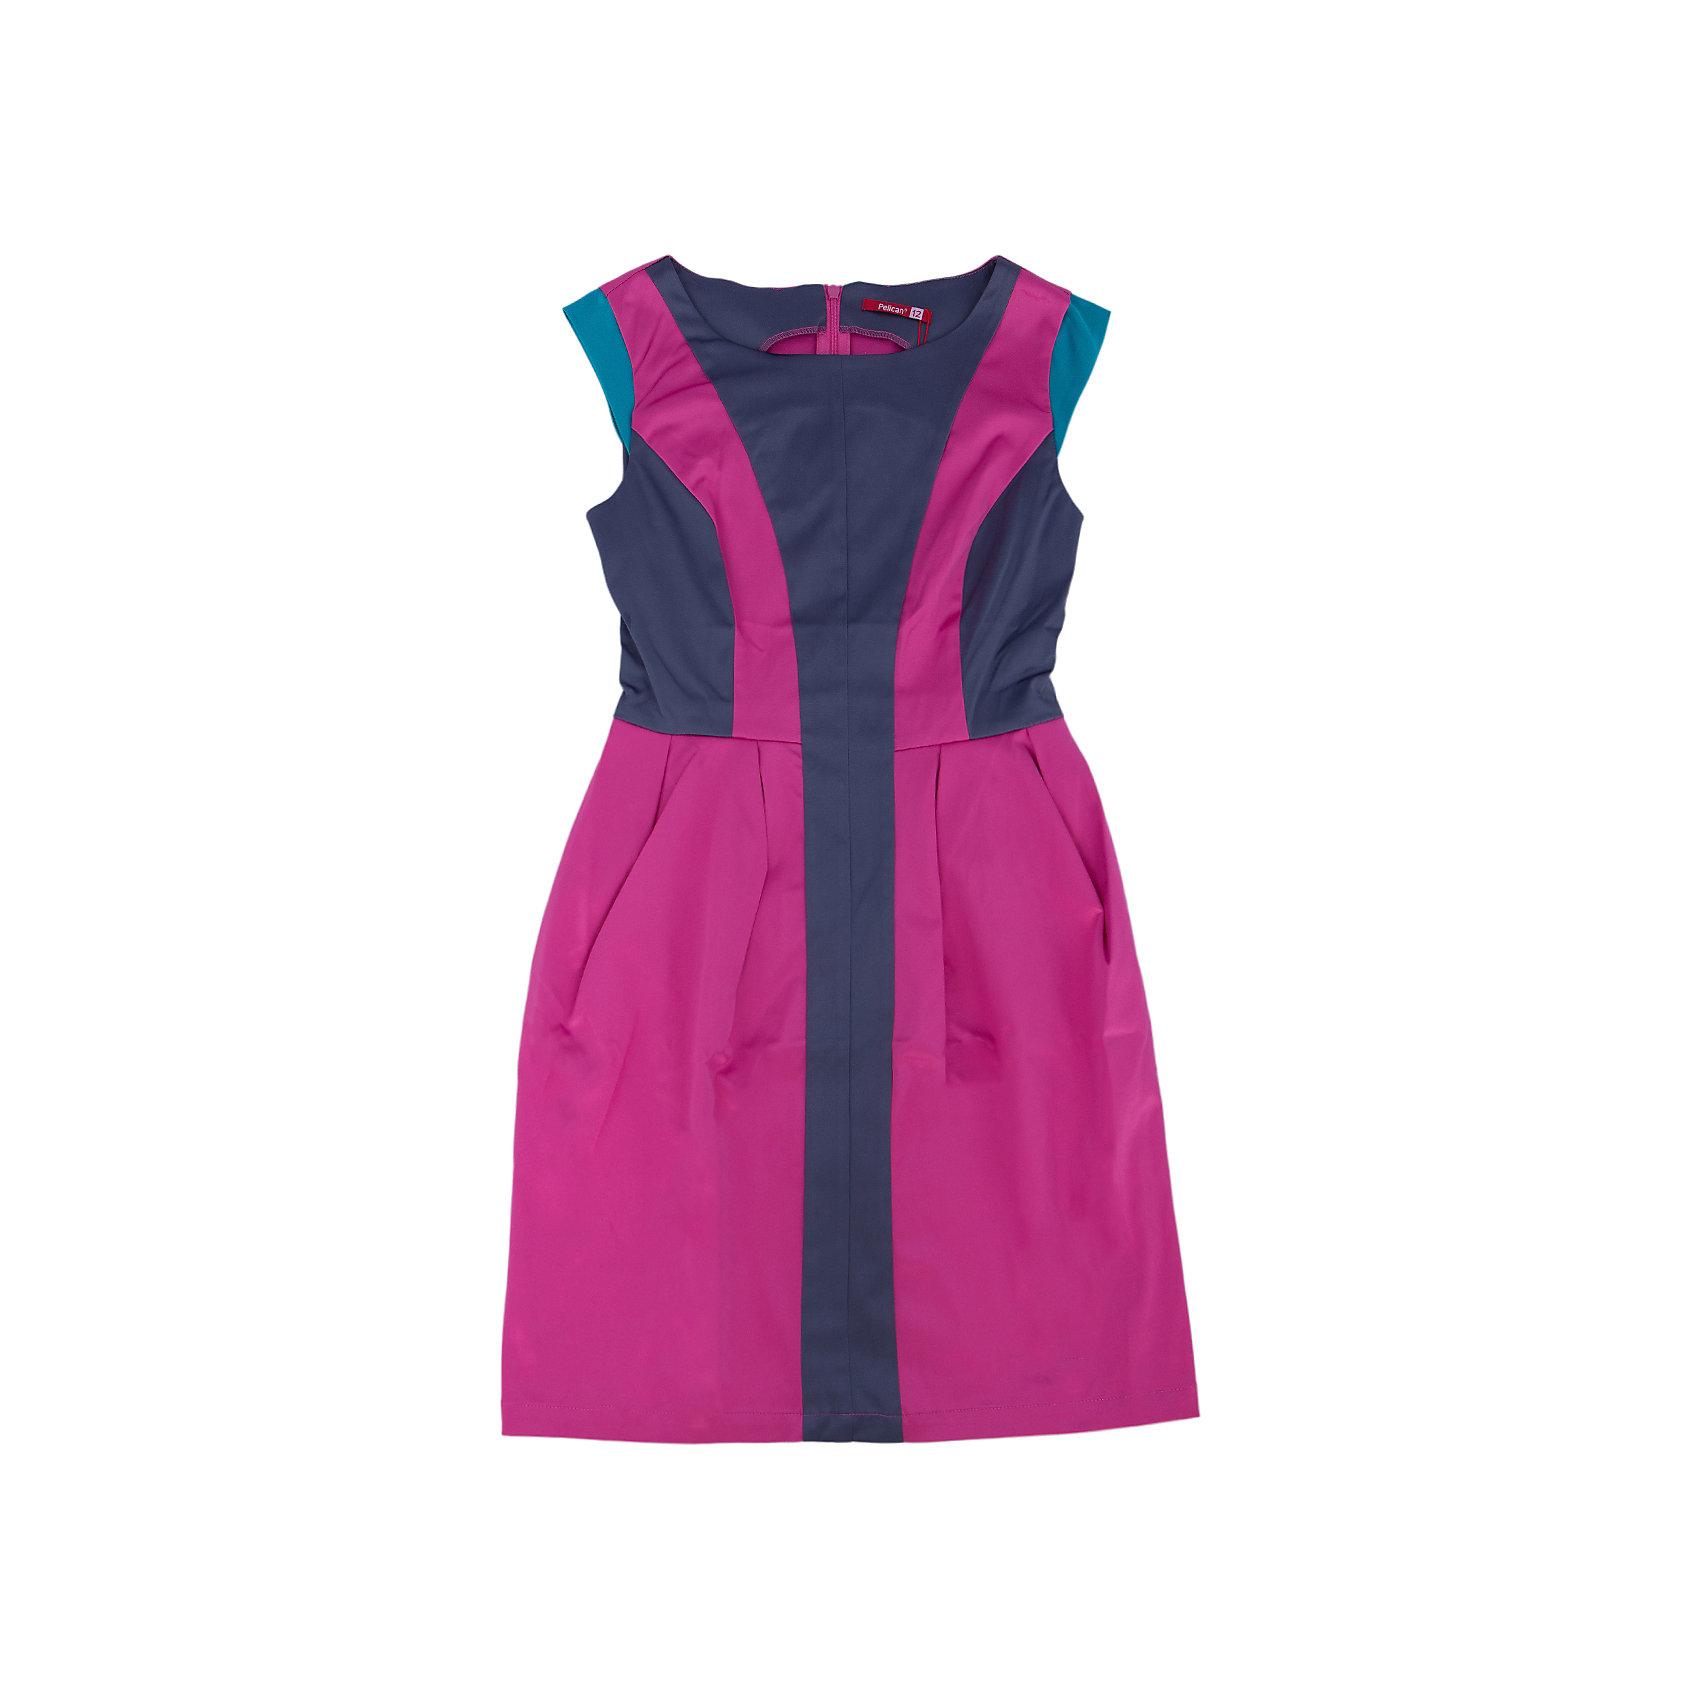 Платье для девочки PELICANБлестящее модное платье для девочки смотрится оригинально и нарядно. Оно поможет разнообразить гардероб ребенка, создать подходящий погоде ансамбль. Удобный крой и качественный материал обеспечат ребенку комфорт при ношении этого изделия. <br>Платье декорировано цветными вставками из такой же ткани с атласным блеском. Рукава короткие. На спине - молния. Материал платья частично состоит из дышащего натурального хлопка, гипоаллергенного, отлично подходящего для детской одежды. <br><br>Дополнительная информация:<br><br>материал: 55% полиэстер, 42% хлопок, 3% эластан;<br>цвет: розовый;<br>молния на спине;<br>декорировано контрастными вставками.<br><br>Платье для девочки от бренда PELICAN (Пеликан) можно купить в нашем магазине.<br><br>Ширина мм: 236<br>Глубина мм: 16<br>Высота мм: 184<br>Вес г: 177<br>Цвет: розовый<br>Возраст от месяцев: 156<br>Возраст до месяцев: 168<br>Пол: Женский<br>Возраст: Детский<br>Размер: 164,152,158<br>SKU: 4805194